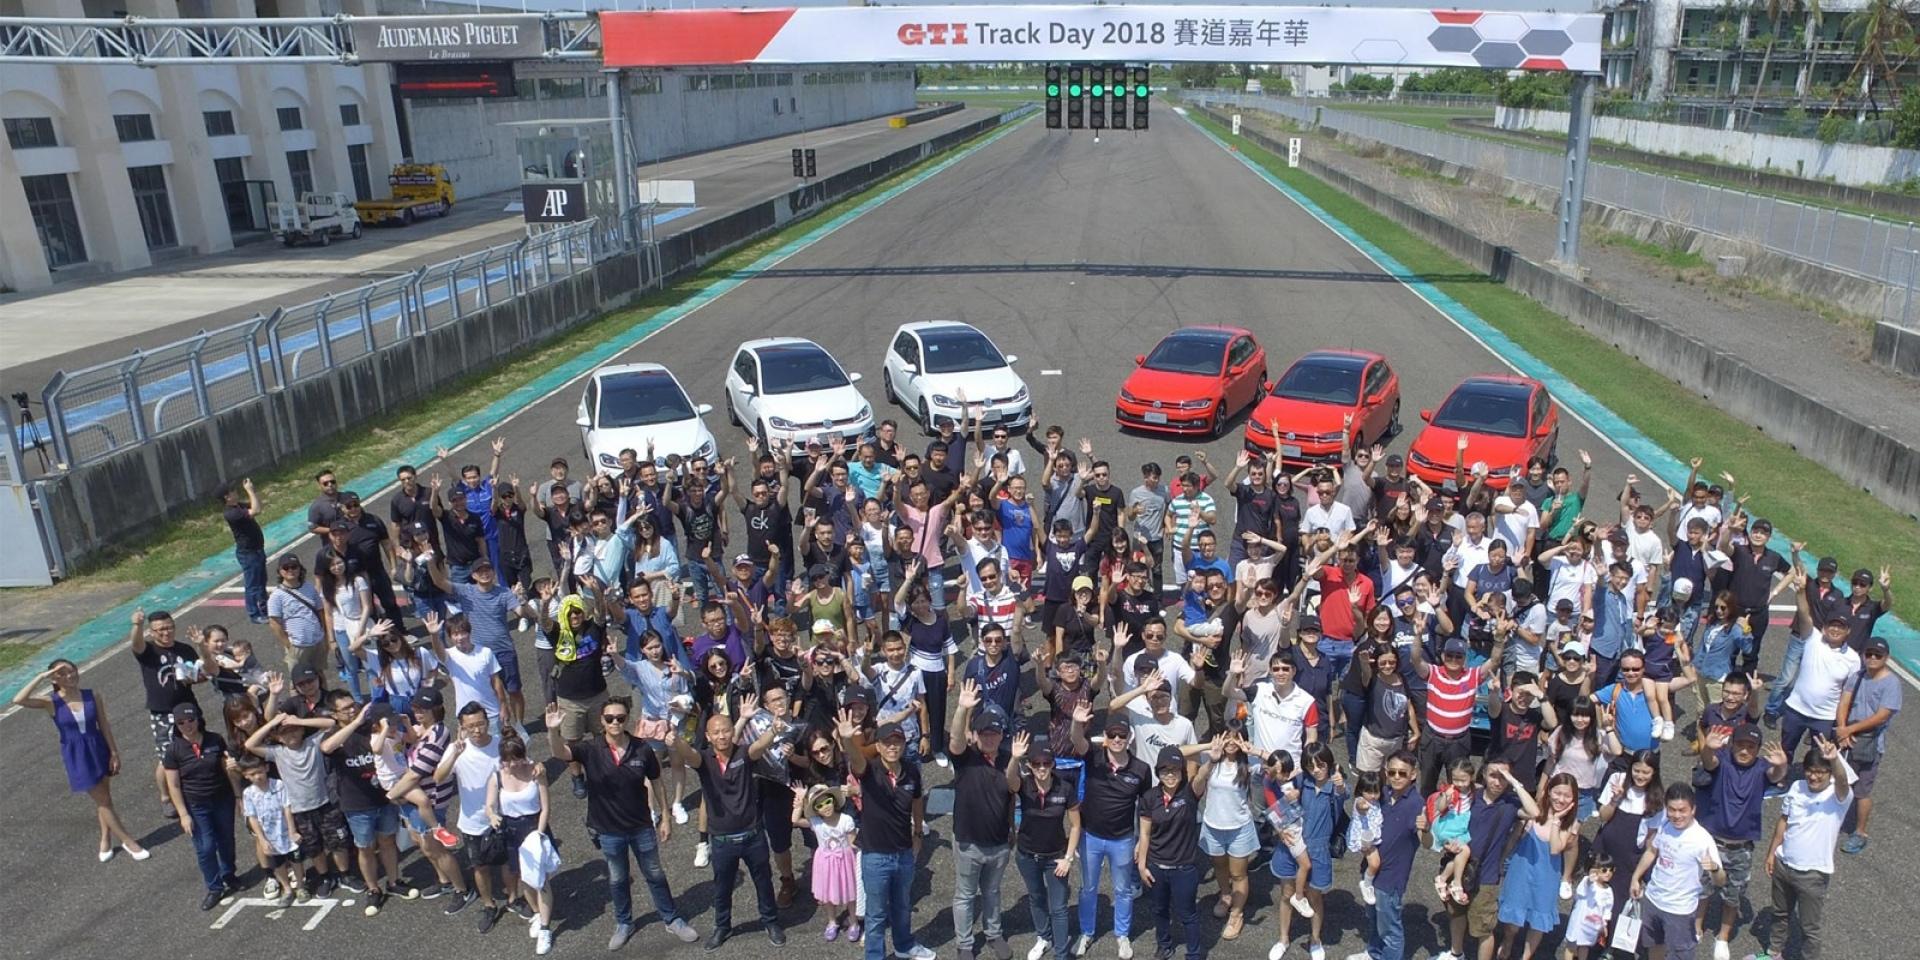 官方新聞稿。台灣福斯汽車盛大舉辦GTI Track Day 2018賽道嘉年華